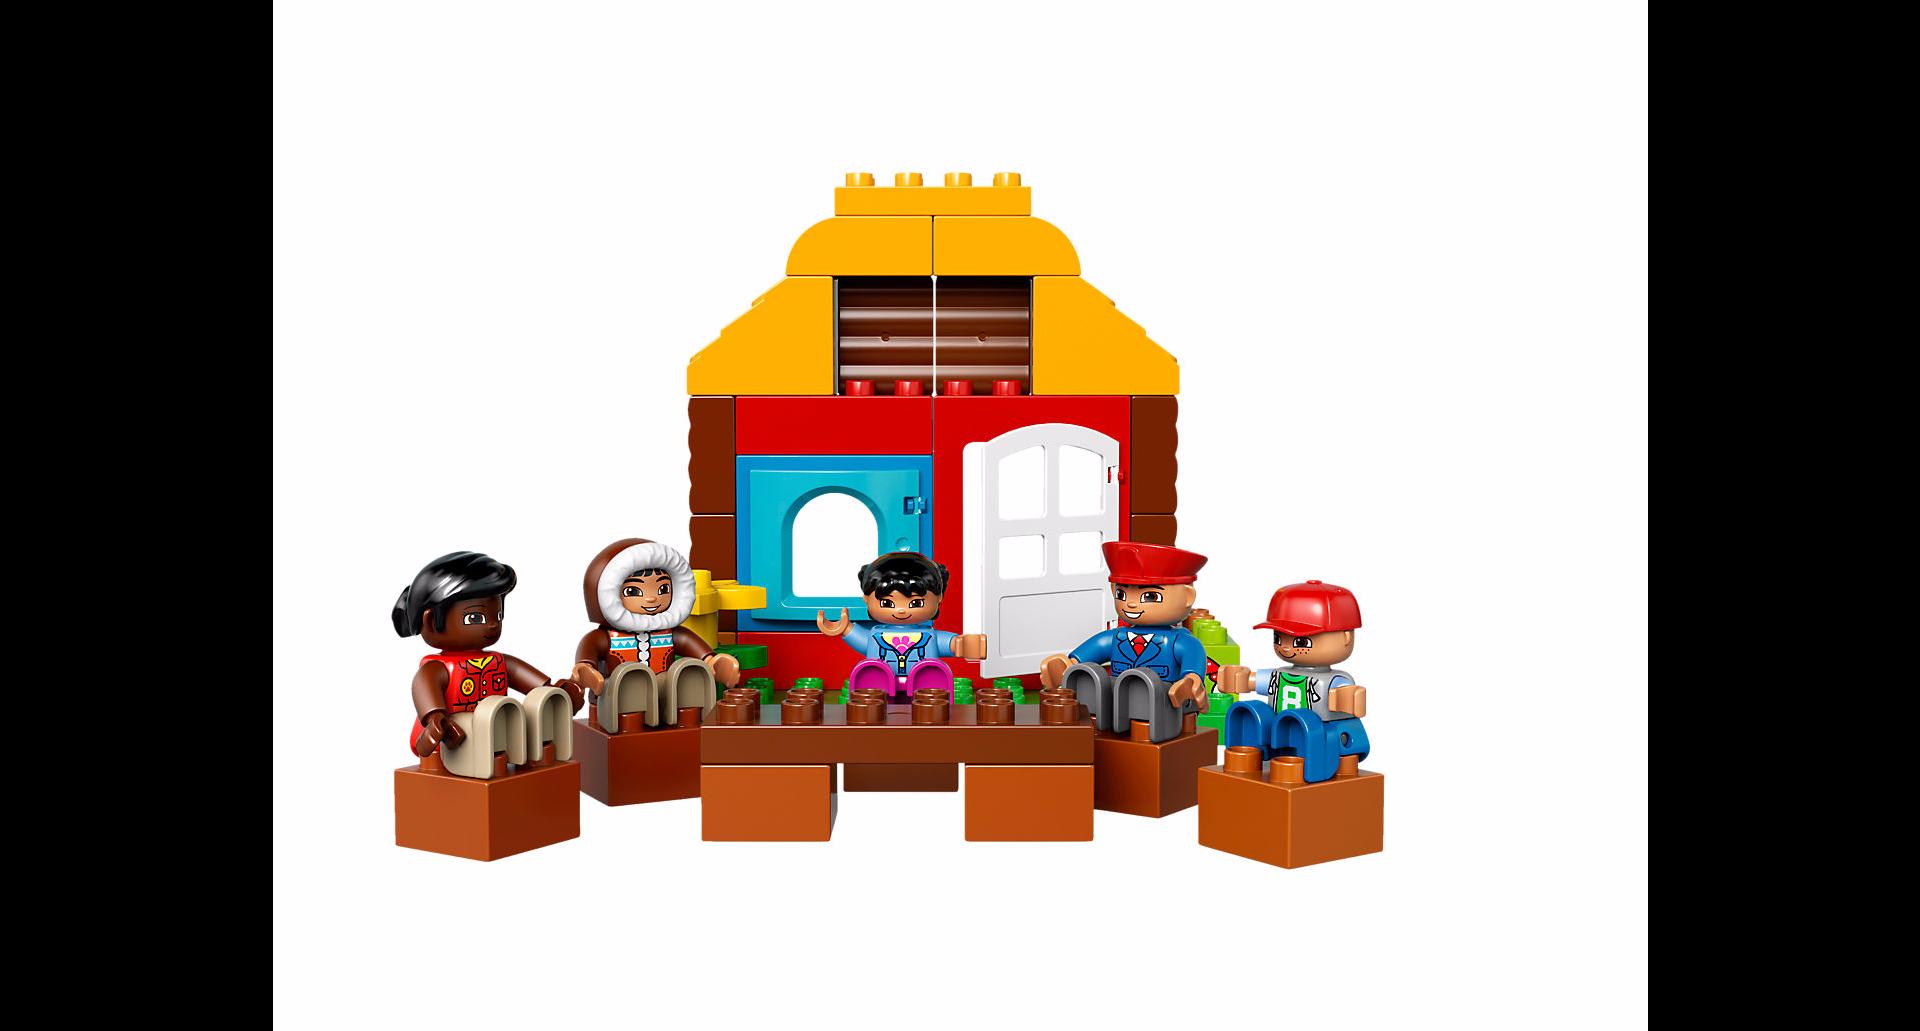 Lego duplo le tour. Legos clipart blocs